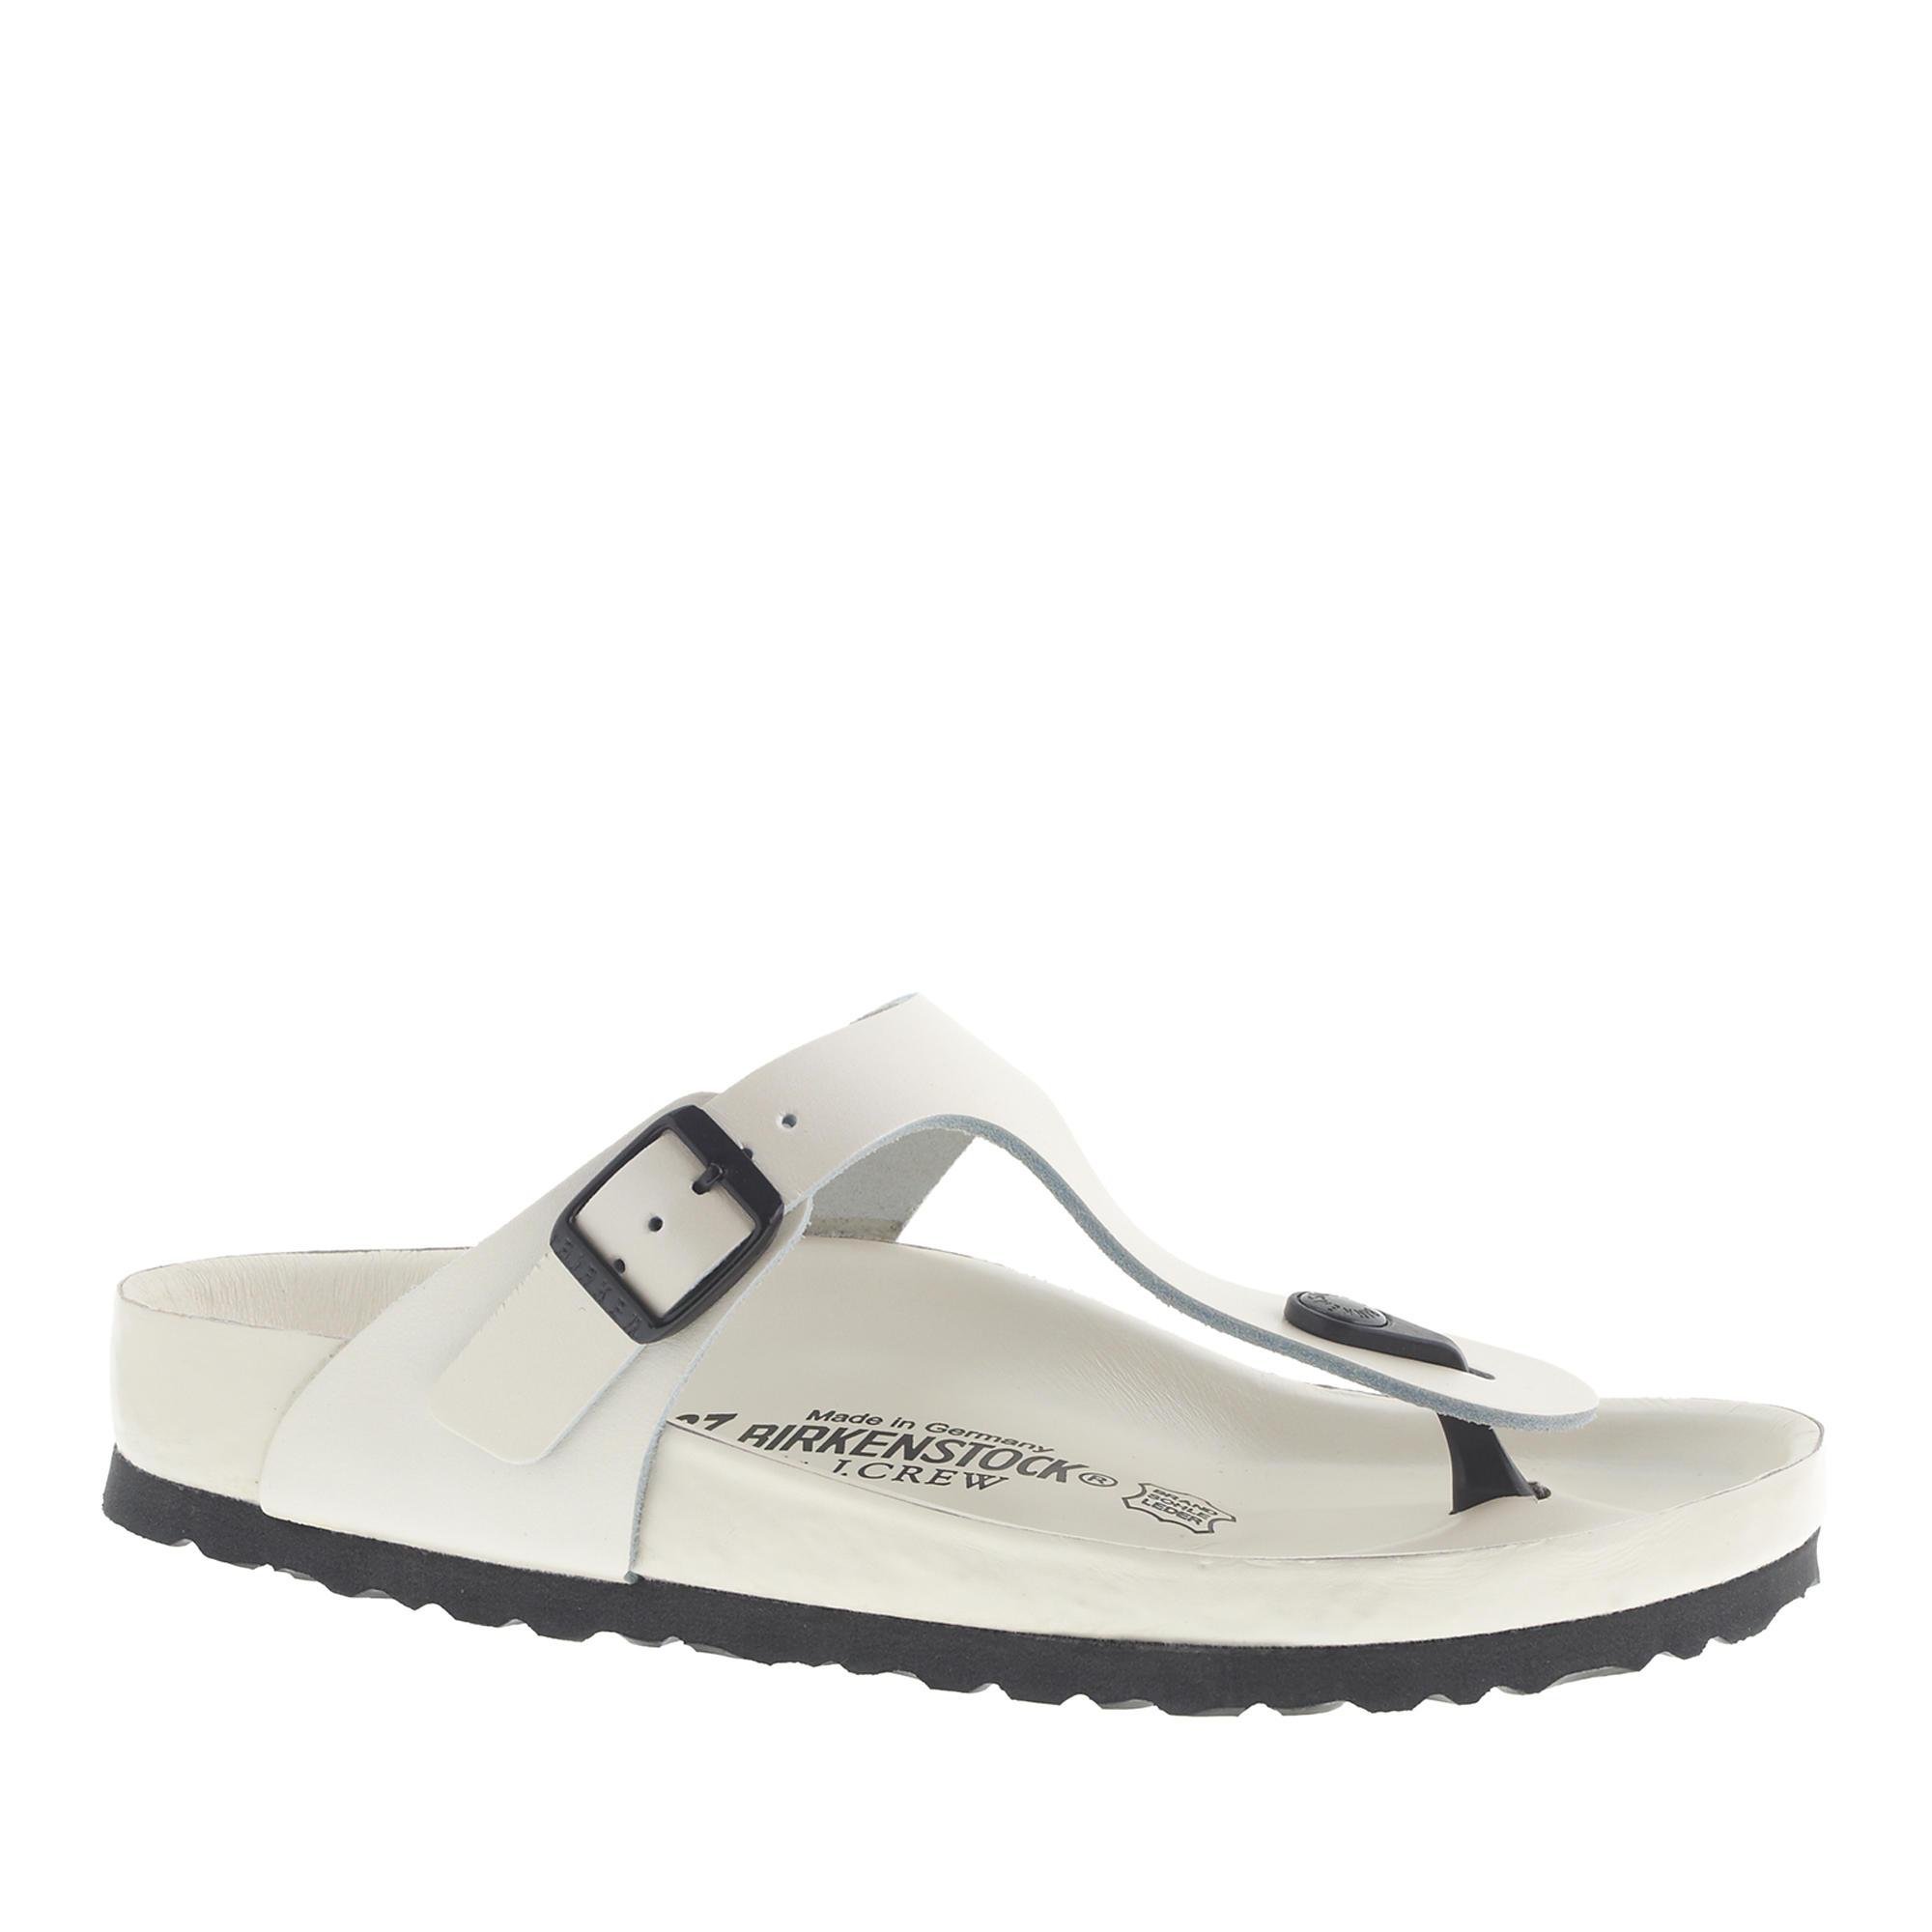 Exquisite Sandals In Lyst Women's Birkenstock Gizeh White J crew tQhsdrC